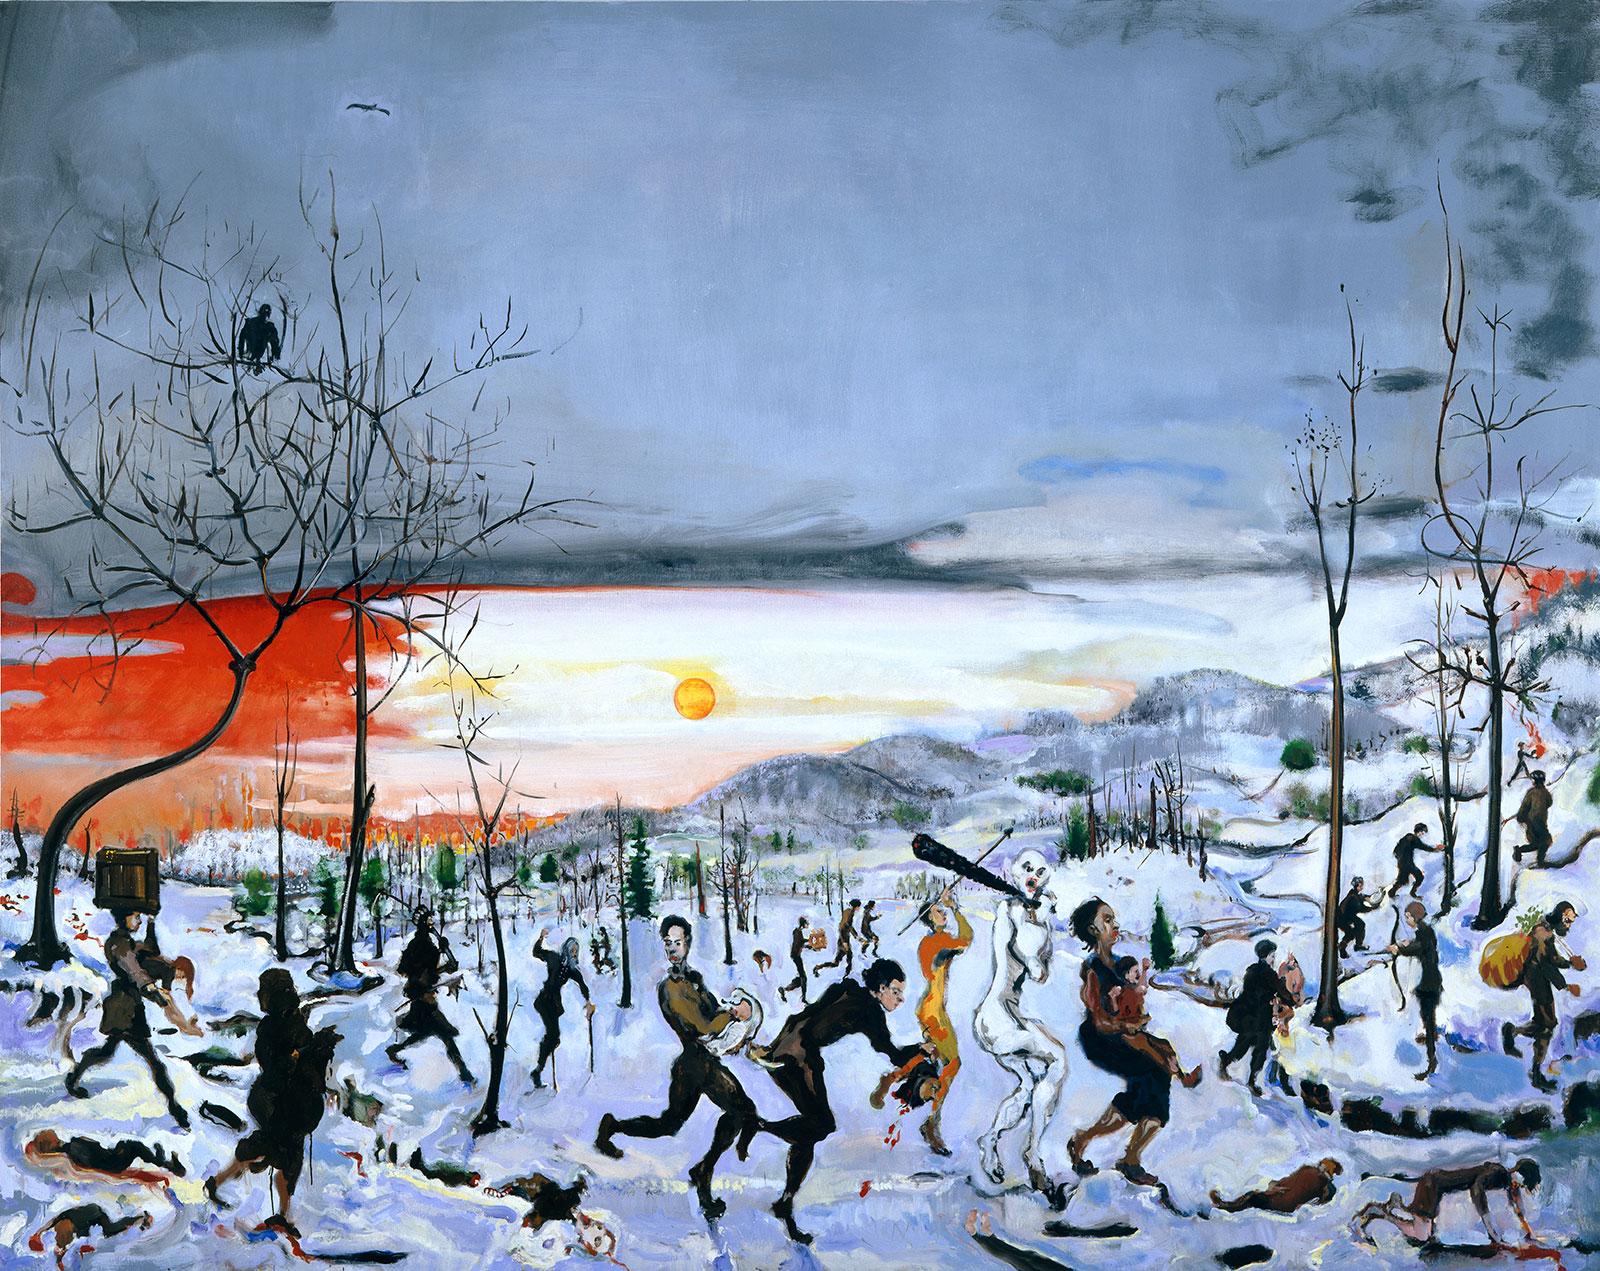 massacre of little people by big people in winter landscape